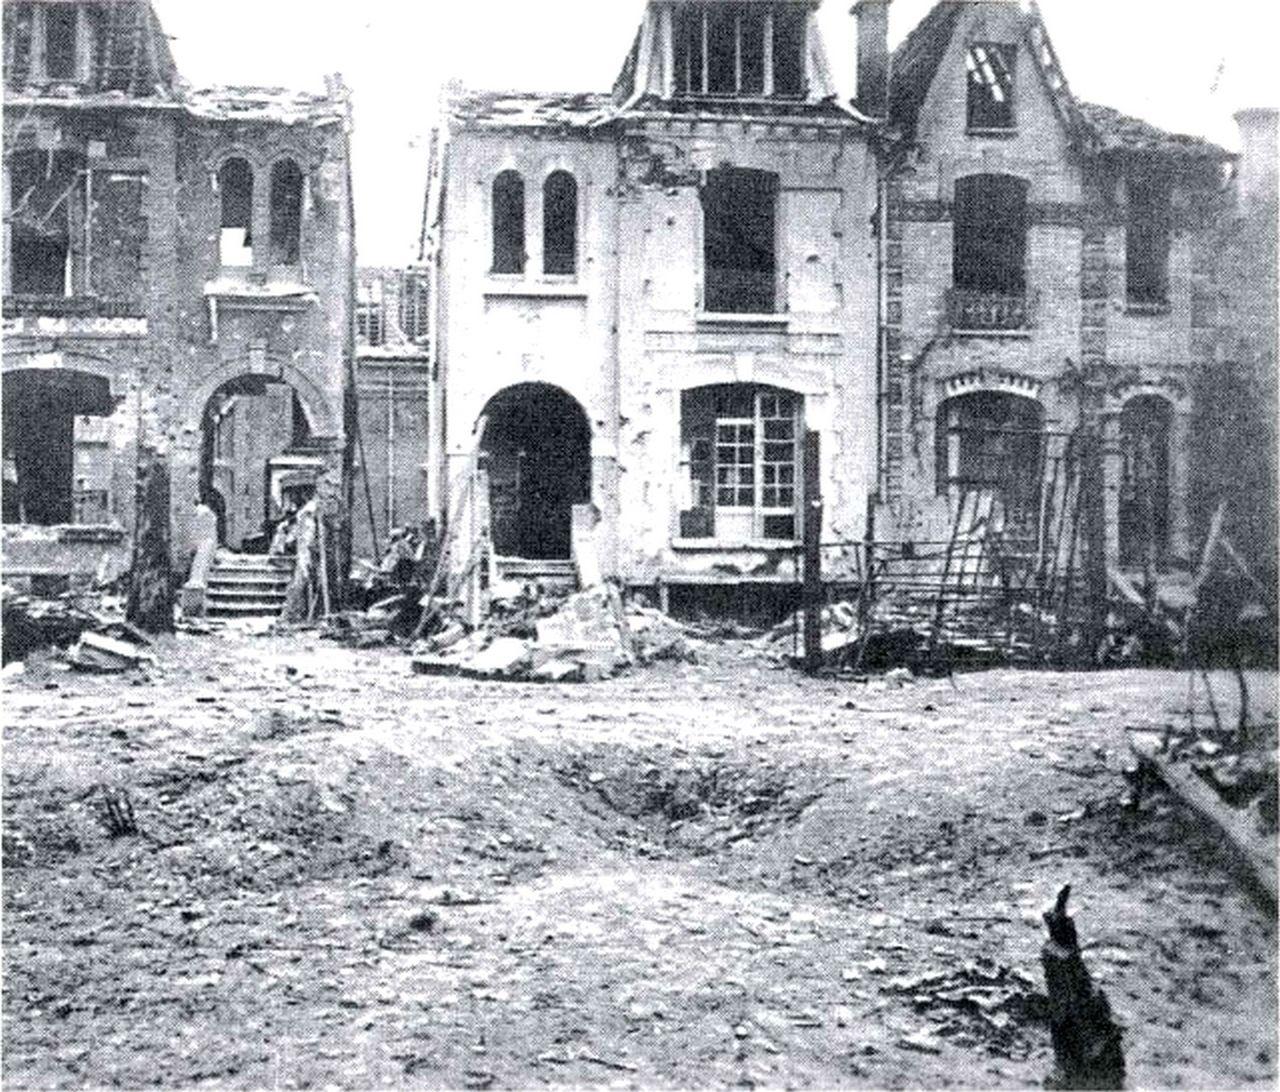 le bombardement alli de l 39 imp rialisme anglo am ricain en 1944 1945 sur la france mati re. Black Bedroom Furniture Sets. Home Design Ideas